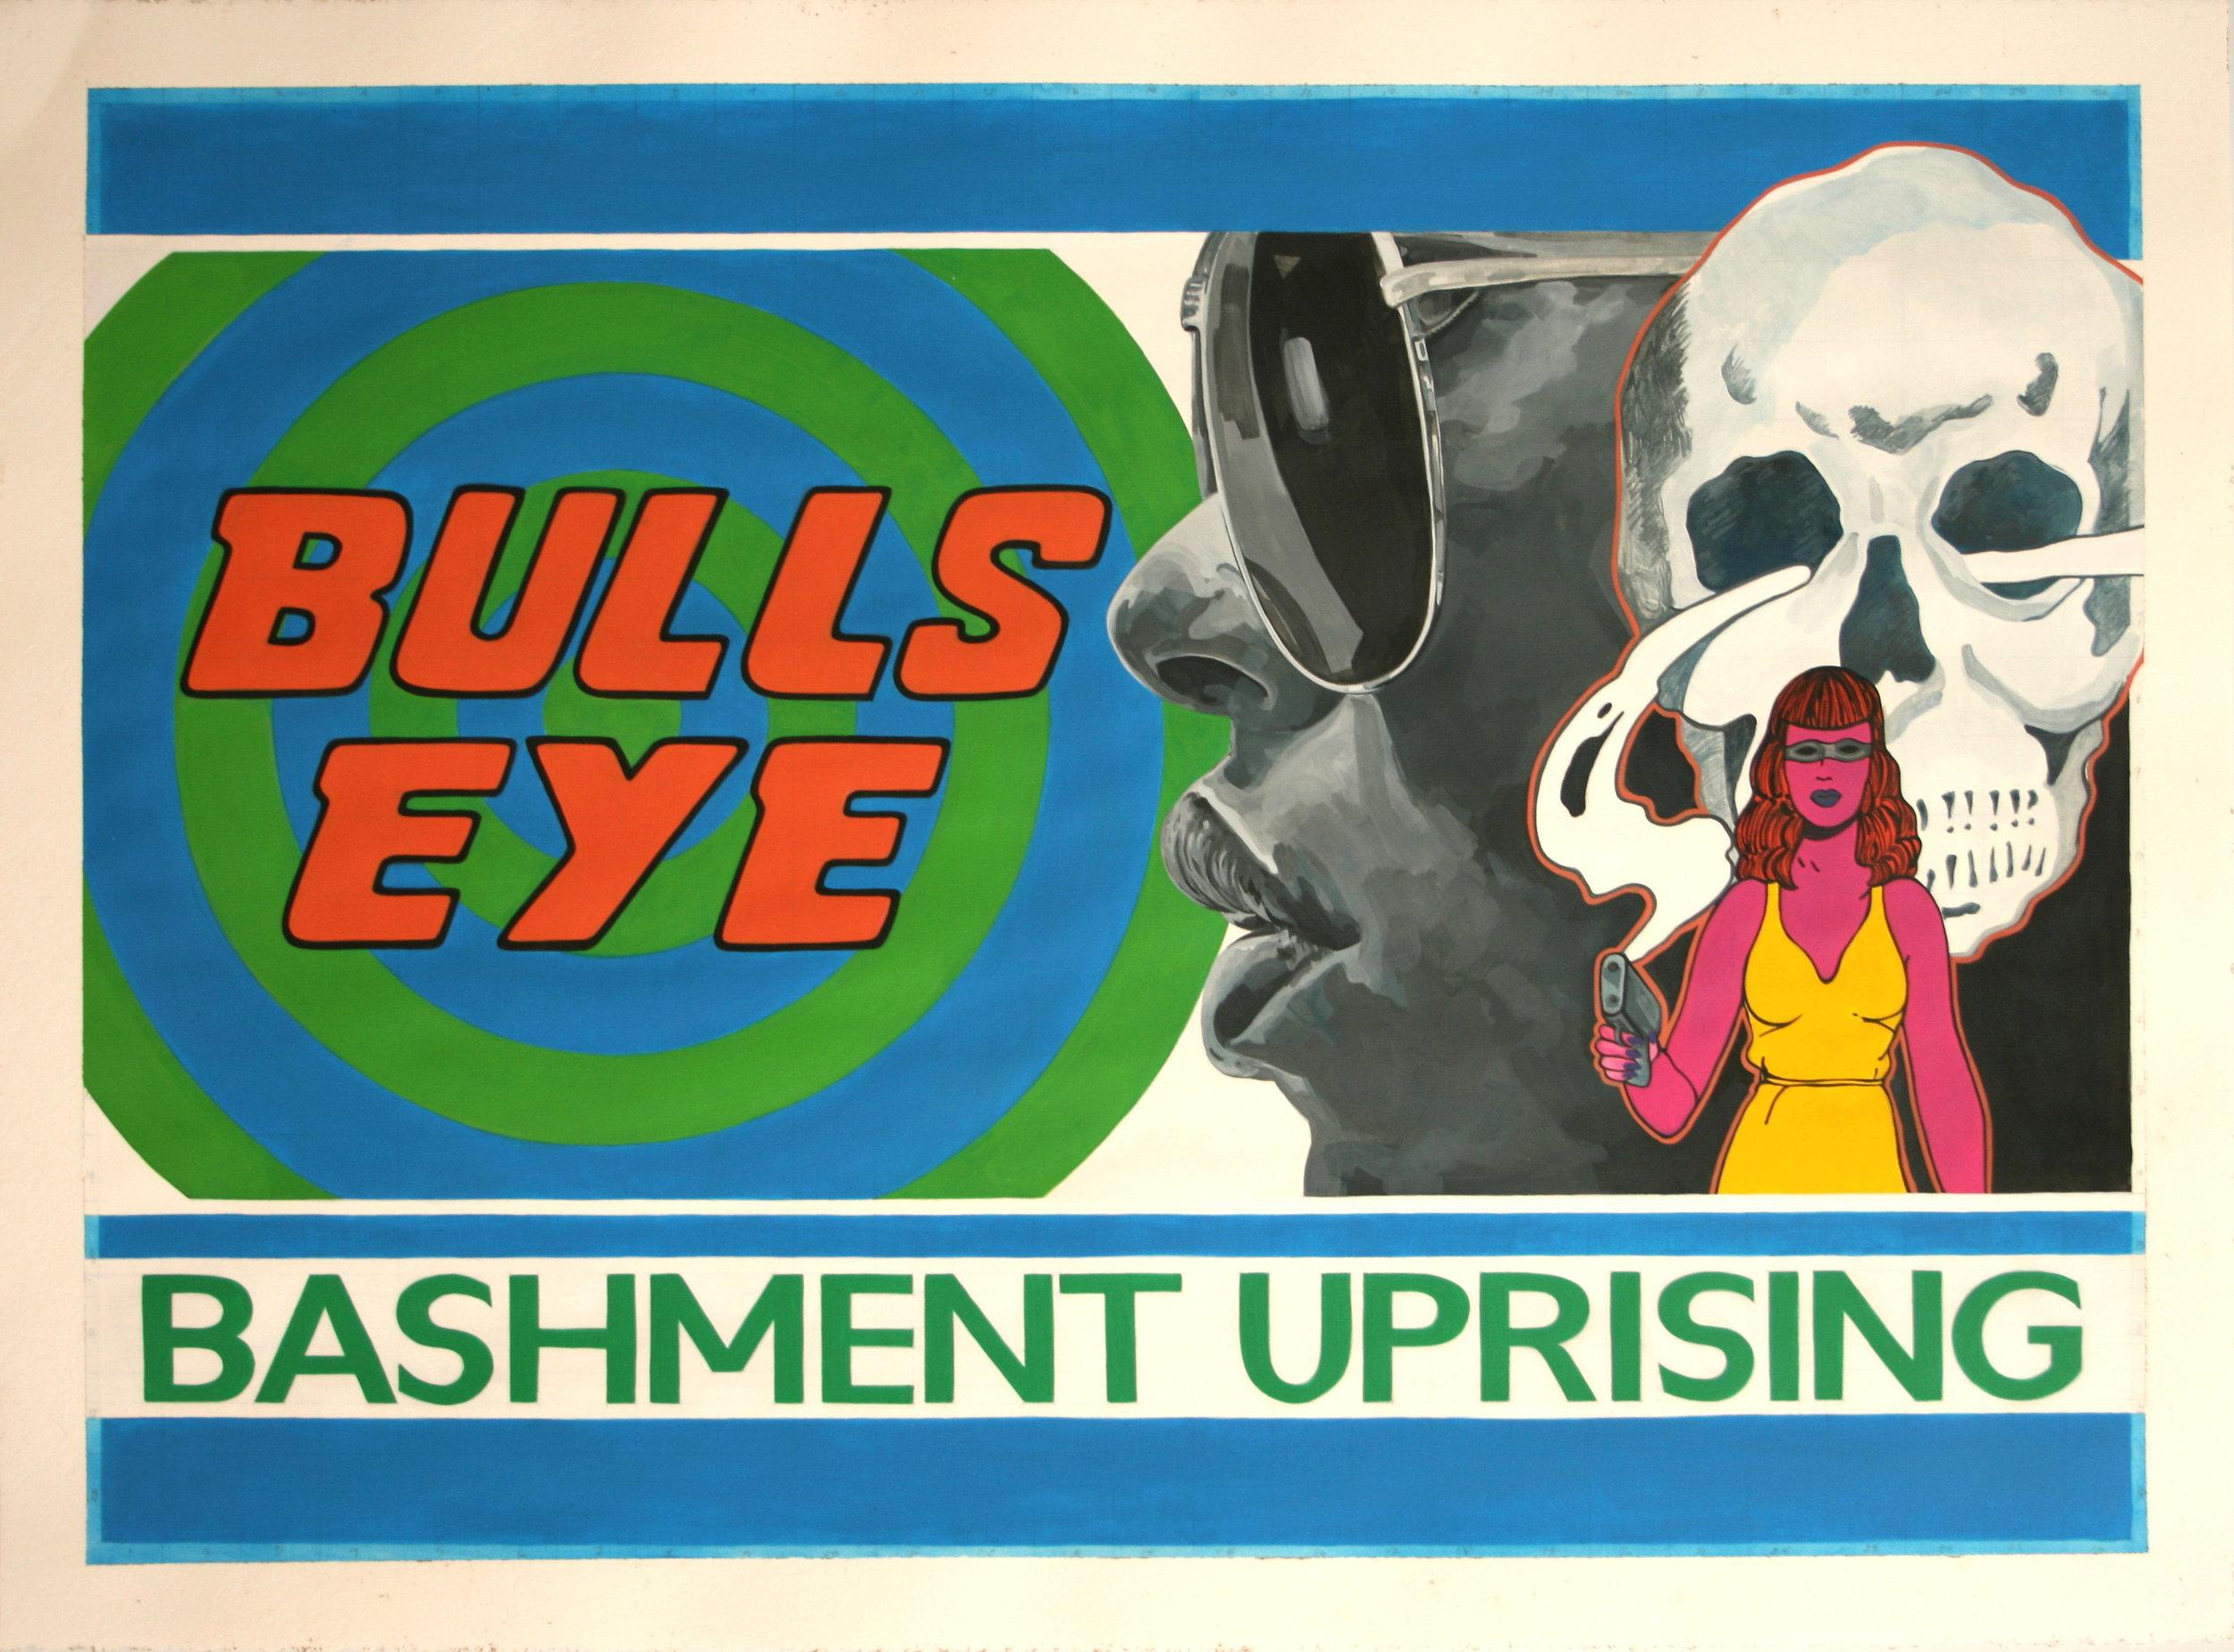 Bashment Uprising